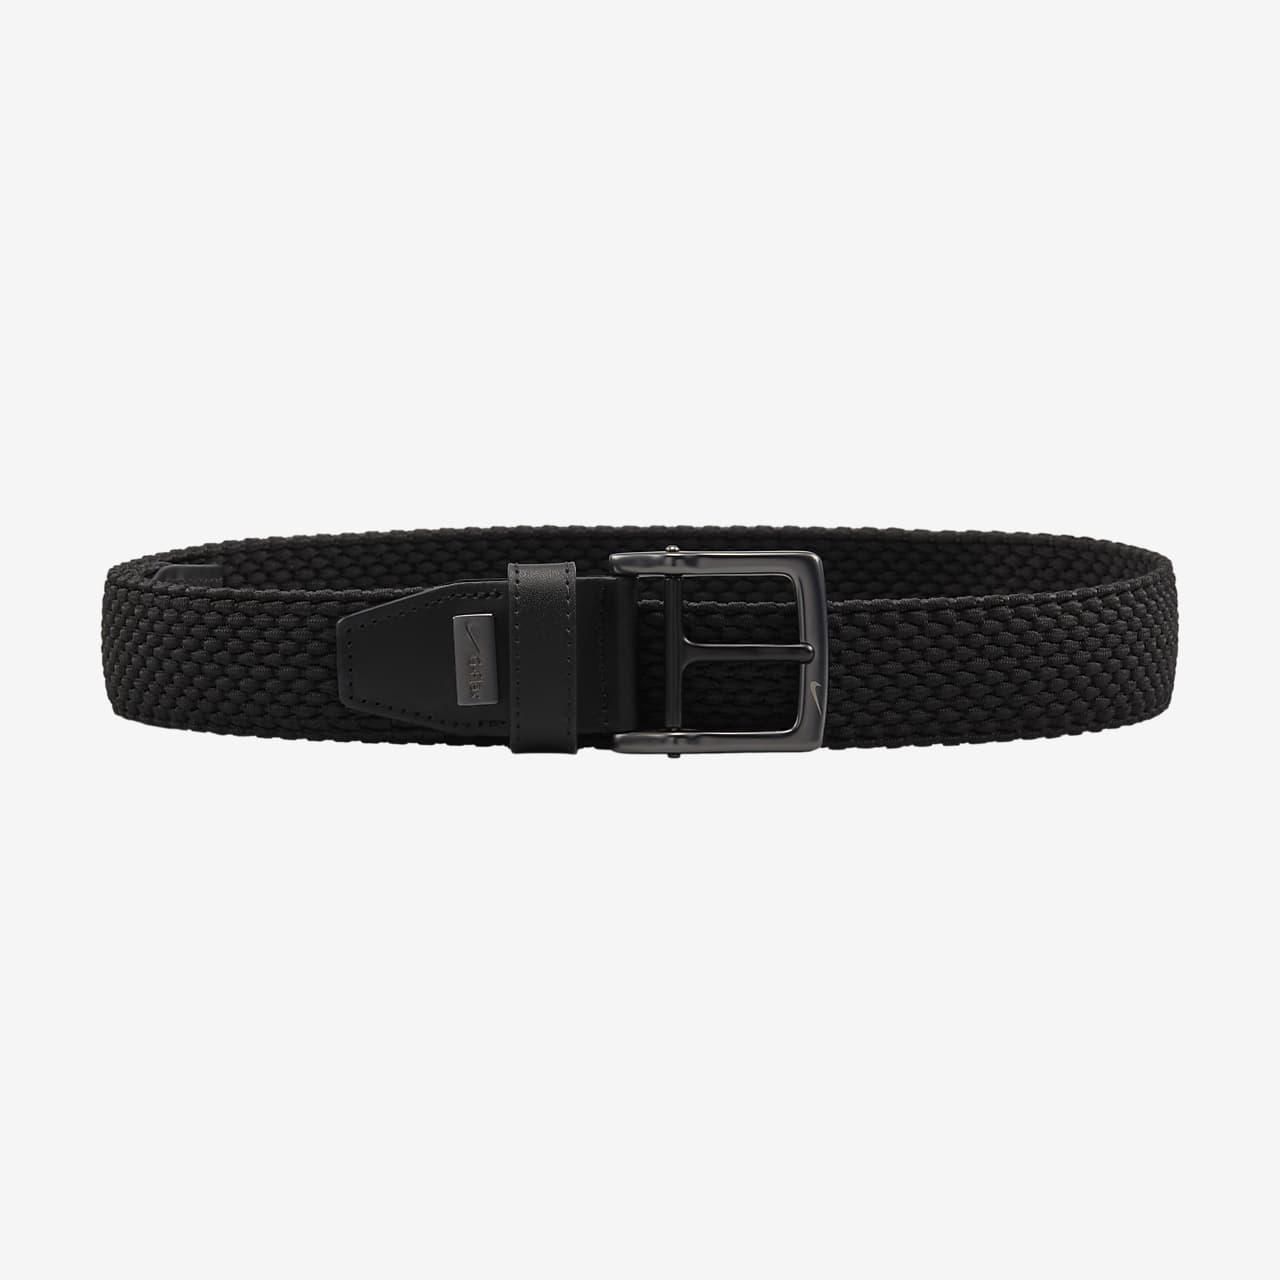 Cinturón de golf para hombre Nike Stretch Woven